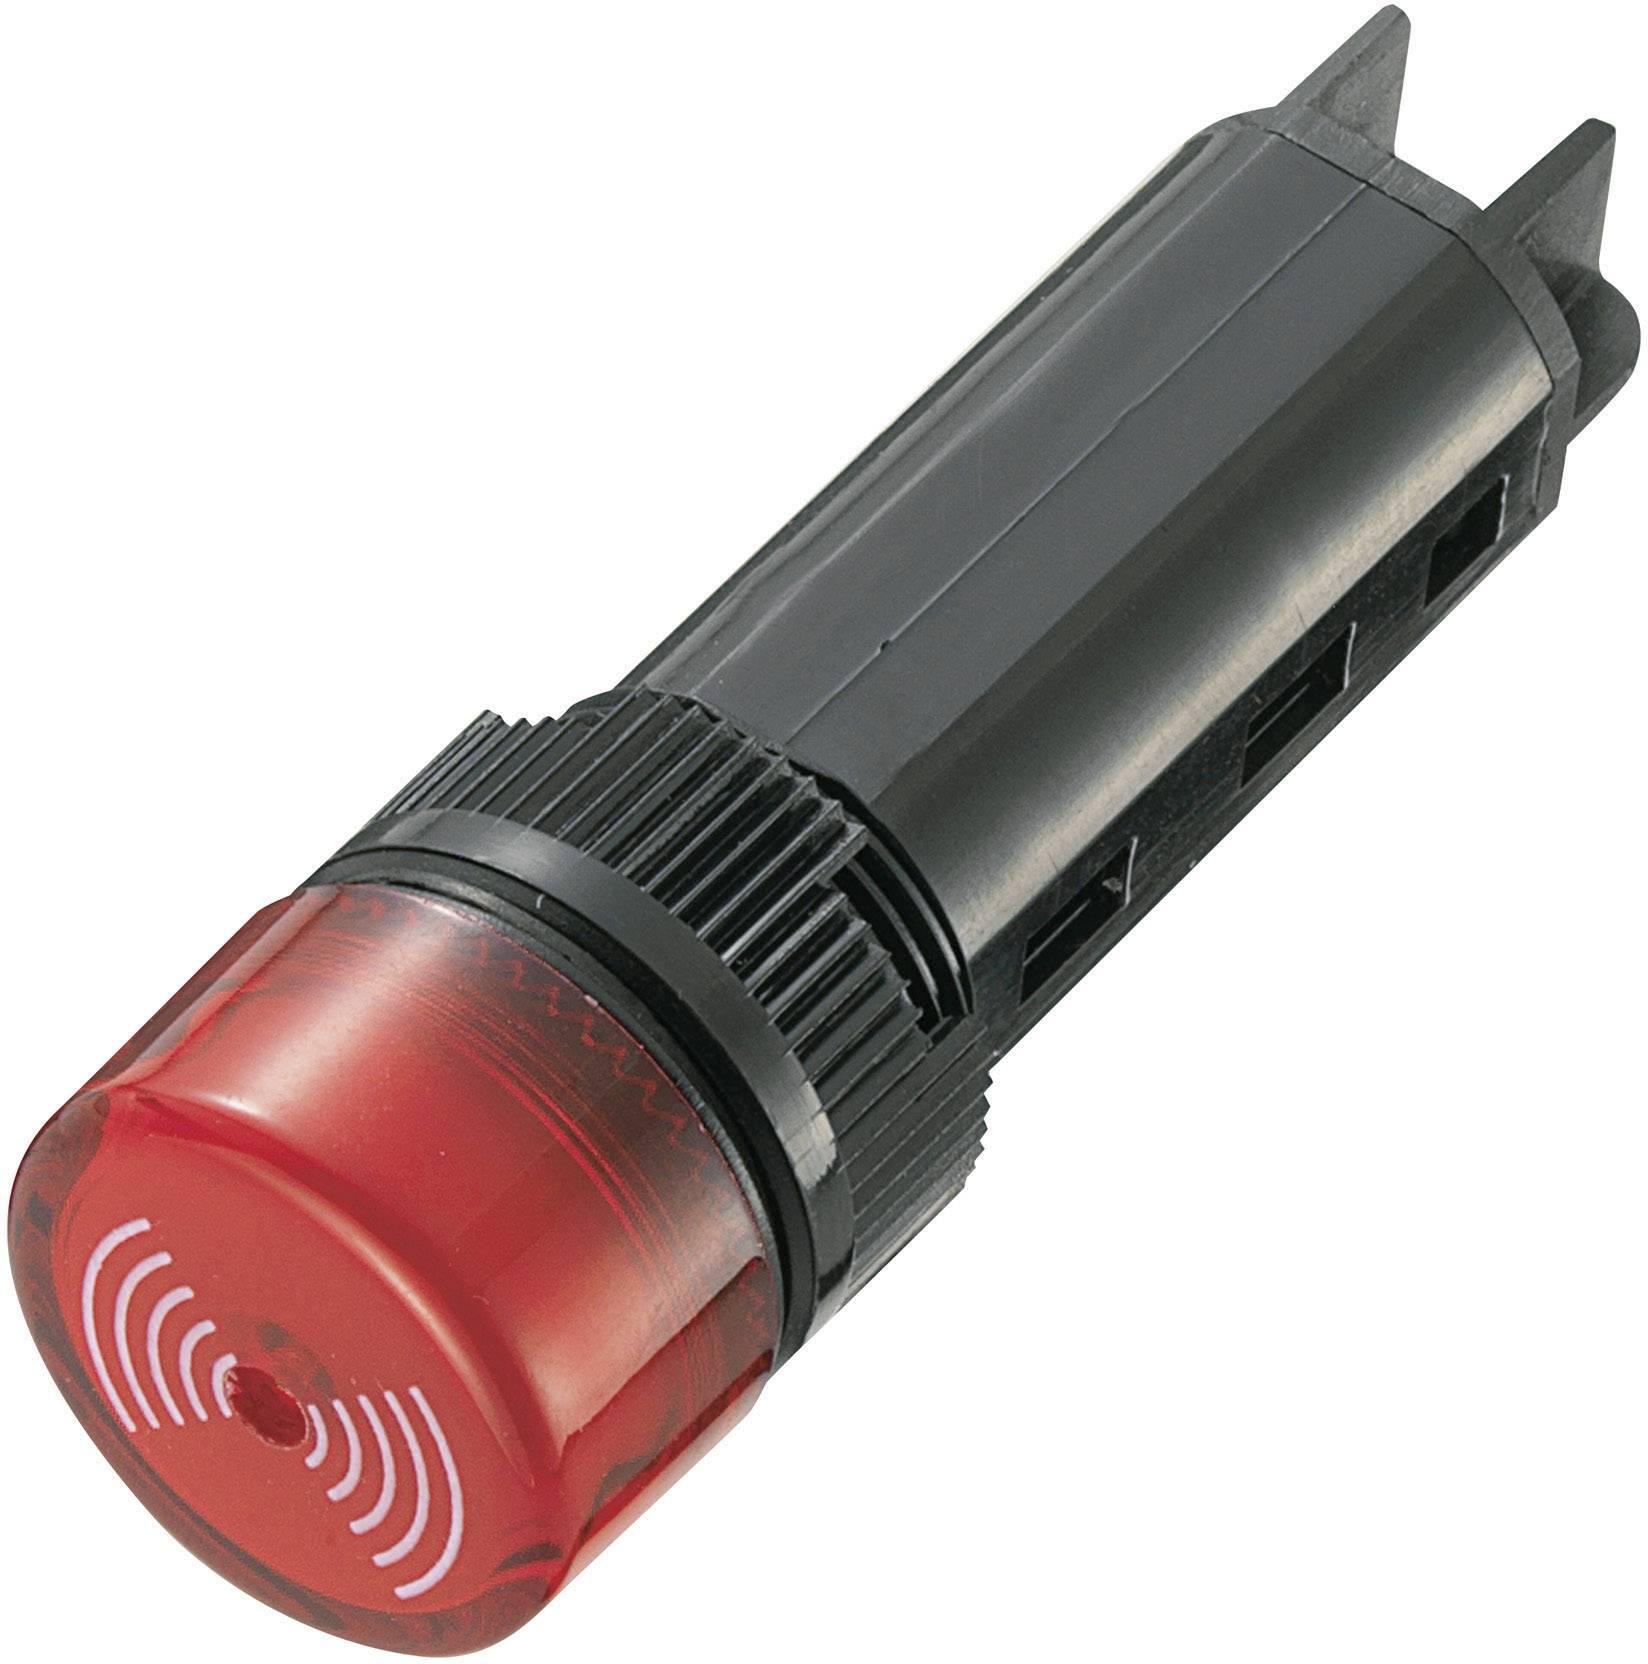 Sirénka / kontrolka, 80 dB 24 V / DC, červená